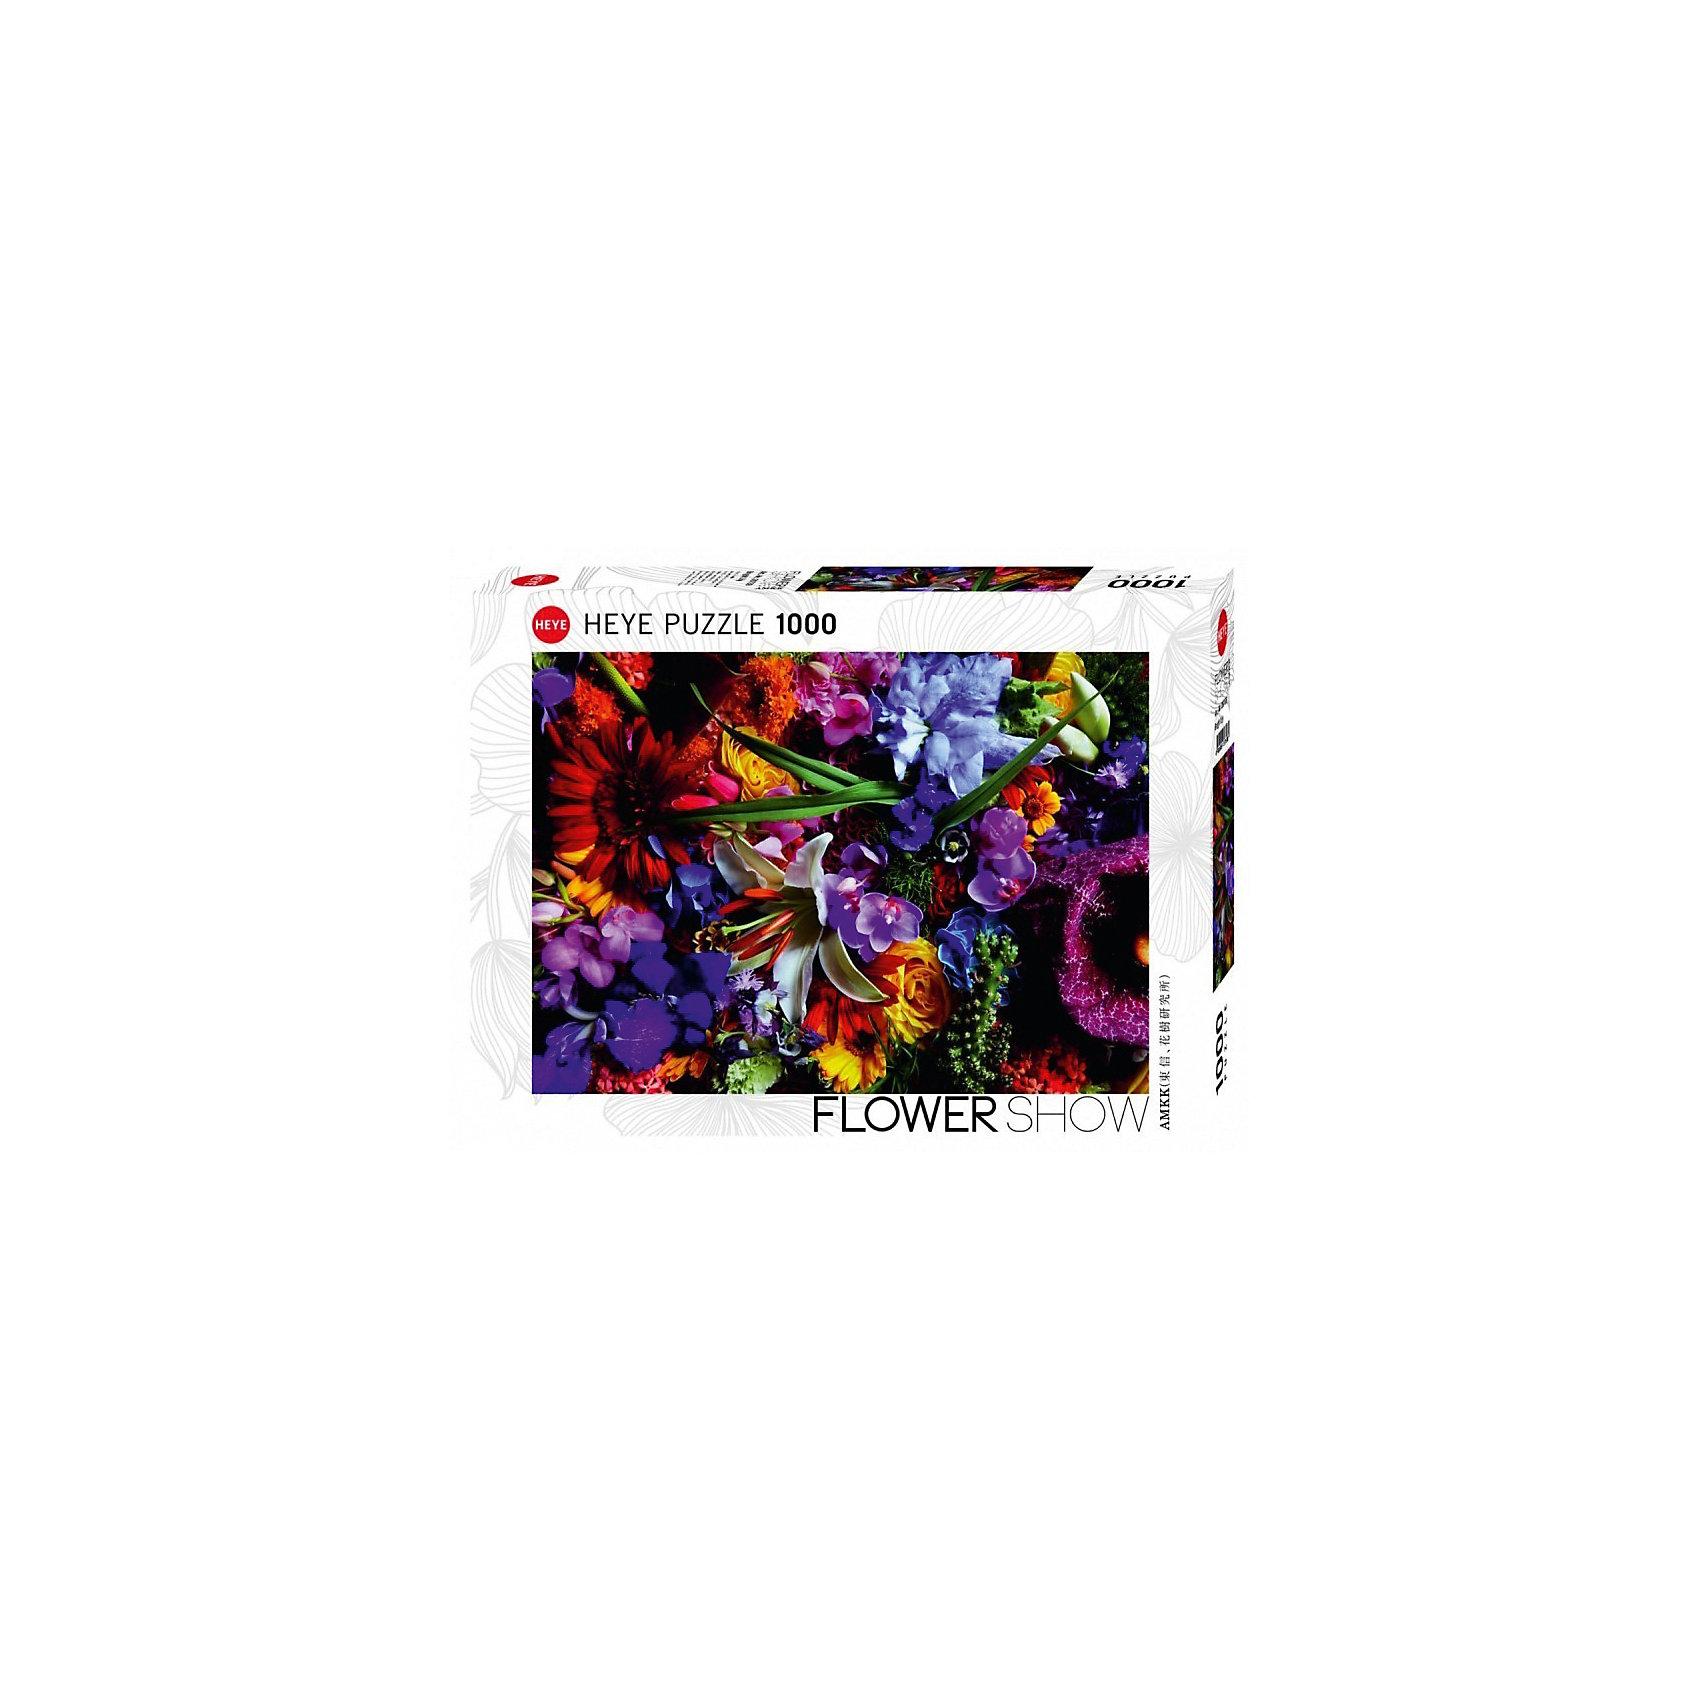 Пазл Букет с лилиями, 1000 деталей, HEYEПазлы для детей постарше<br>Пазл Букет с лилиями, 1000 деталей, HEYE (ХЕЙЕ) - прекрасное антистрессовое средство для взрослых и замечательная развивающая игра для детей.<br>Авторский пазл японский флориста, дизайнера и художника Макото Азума Букет с лилиями без сомнения, придется вам по душе и подарит несколько вечеров творчества. Собрав пазл из 1000 элементов, вы получите замечательную картину с изображением удивительного цветочного ковра сотканного из великолепных цветов и листьев. Красочный пазл состоит из глянцевых, приятных на ощупь деталей с идеальной проклейкой. Точная нарезка гарантирует легкость стыковки и многократность сборки без потери внешнего вида. Для изготовления своих пазлов компания HEYE (ХЕЙЕ) использует высококачественный плотный картон. Сборка пазлов способствует развитию образного и логического мышления, наблюдательности, мелкой моторики и координации движений руки.<br><br>Дополнительная информация:<br><br>- Количество деталей: 1000<br>- Размер собранной картинки: 50х70 см.<br>- Материал: картон<br>- Размер упаковки: 37,2x27,1x5,6 см.<br>- Вес: 818 гр.<br><br>Пазл Букет с лилиями, 1000 деталей, HEYE (ХЕЙЕ) можно купить в нашем интернет-магазине.<br><br>Ширина мм: 371<br>Глубина мм: 271<br>Высота мм: 55<br>Вес г: 840<br>Возраст от месяцев: 216<br>Возраст до месяцев: 1188<br>Пол: Унисекс<br>Возраст: Детский<br>SKU: 4732066